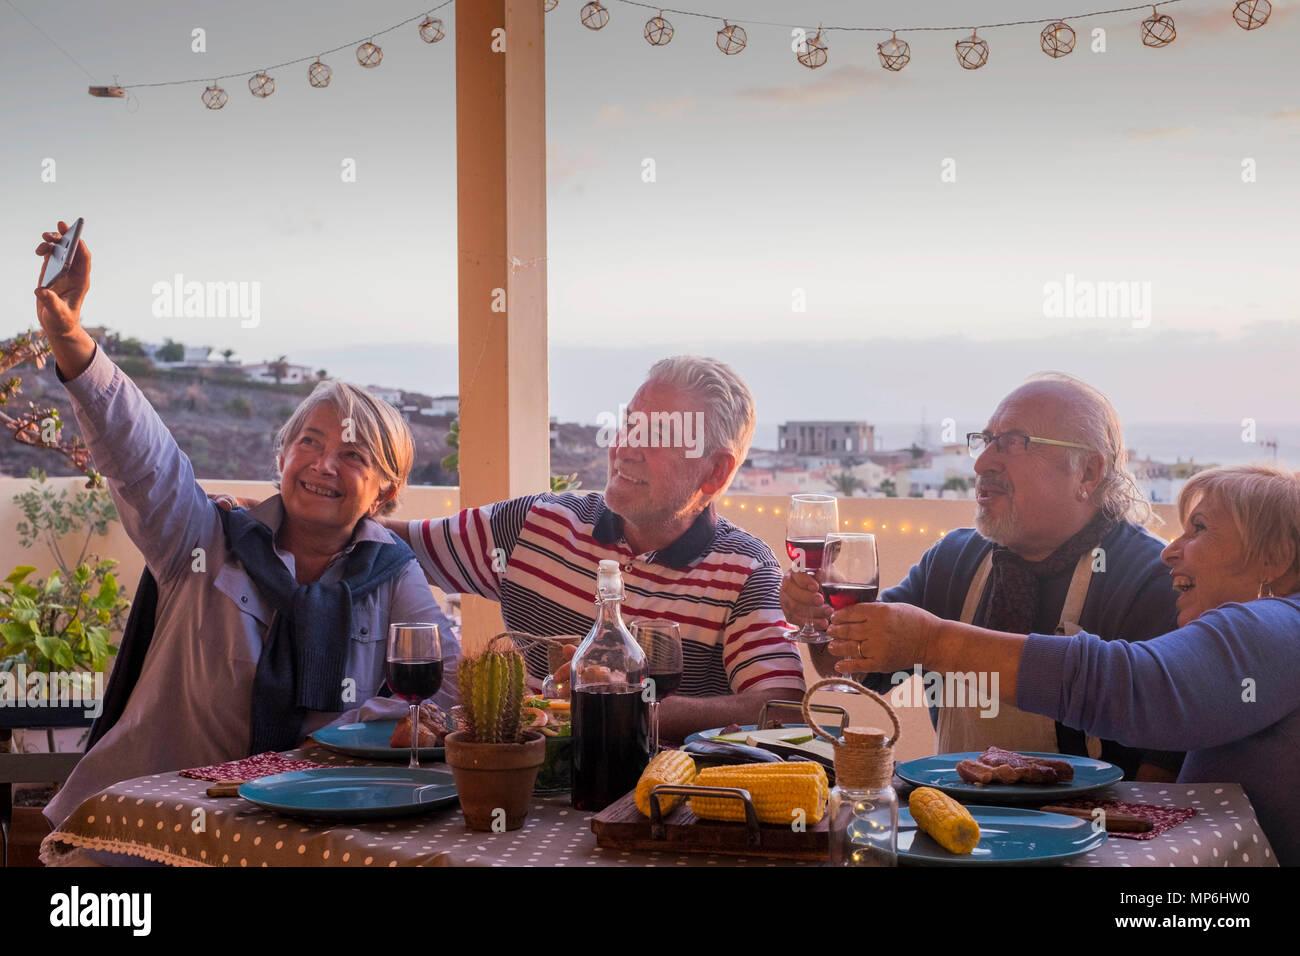 Groupe d'adultes retraités personnes âgées amis s'amusant de prendre une photo comme tous les selfies ensemble lors d'un dîner en plein air, sur le toit-terrasse. célébrer Photo Stock